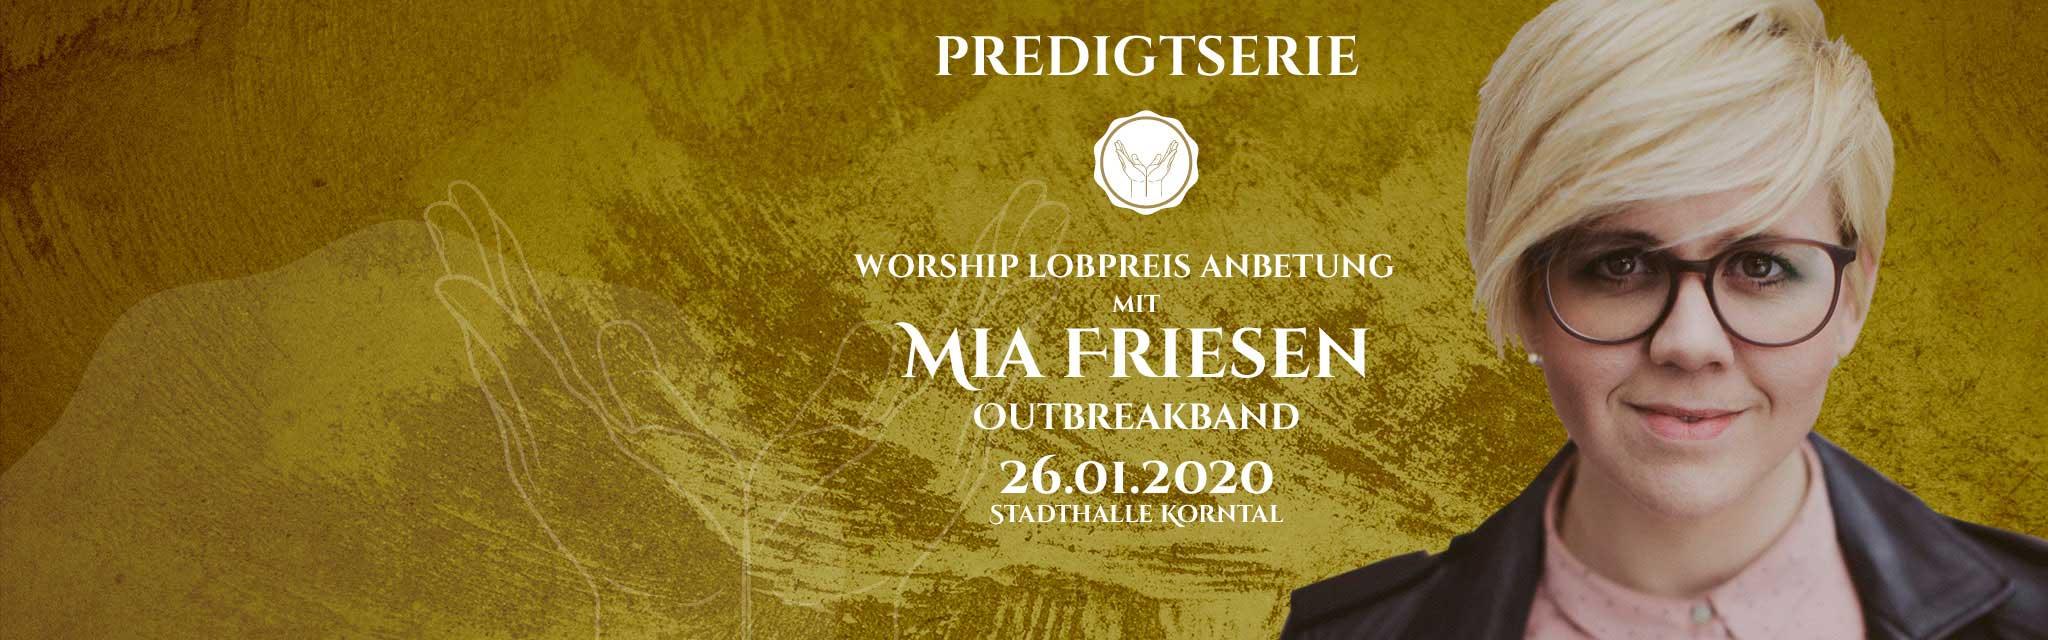 GD Serie Worship Mia